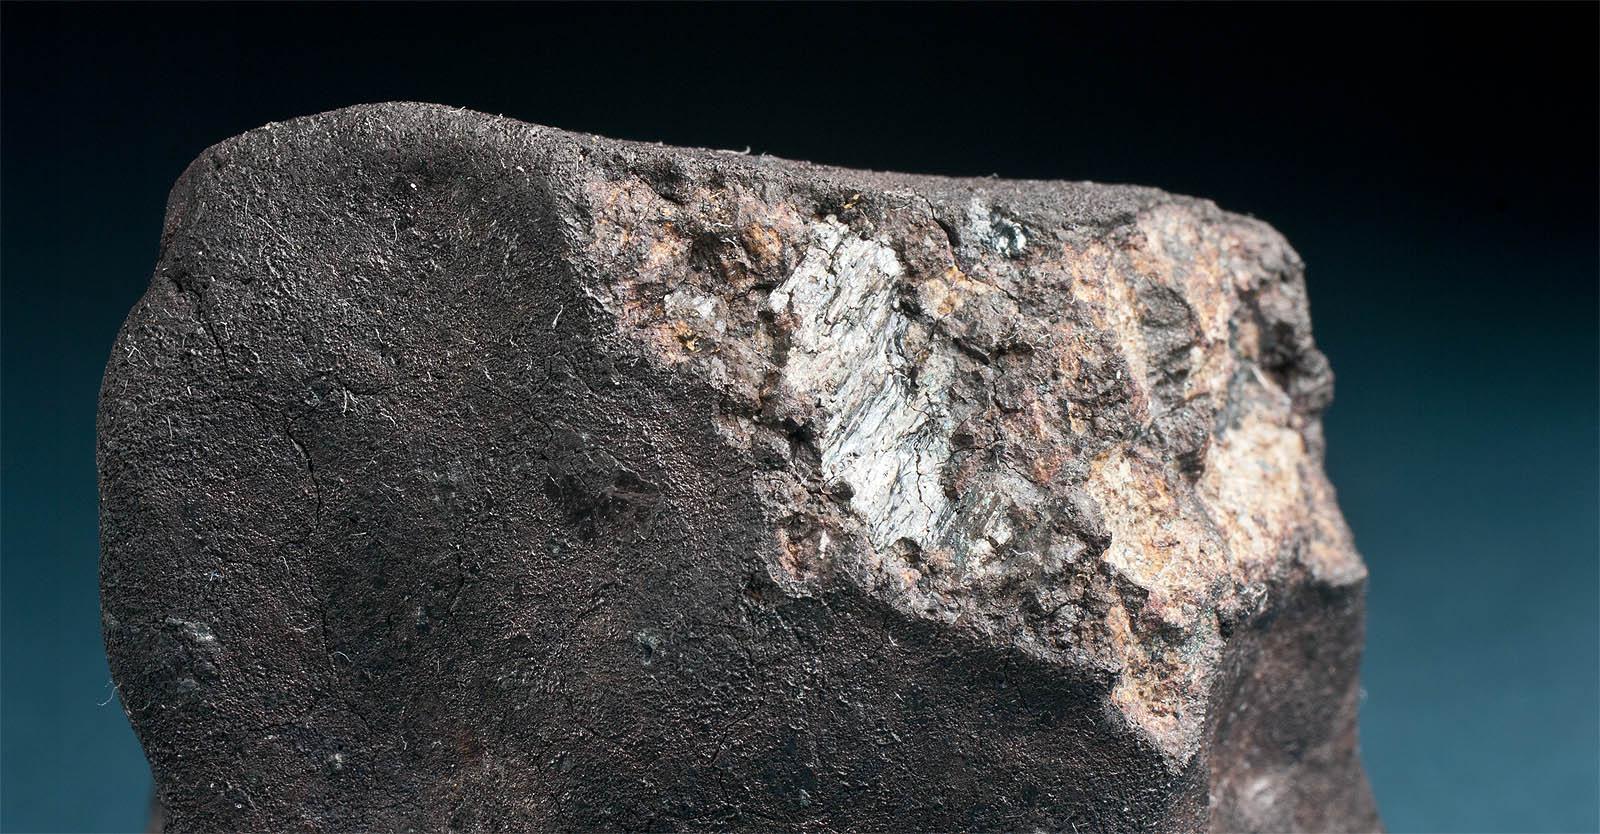 Slickensides on Chelyabinsk Meteorite